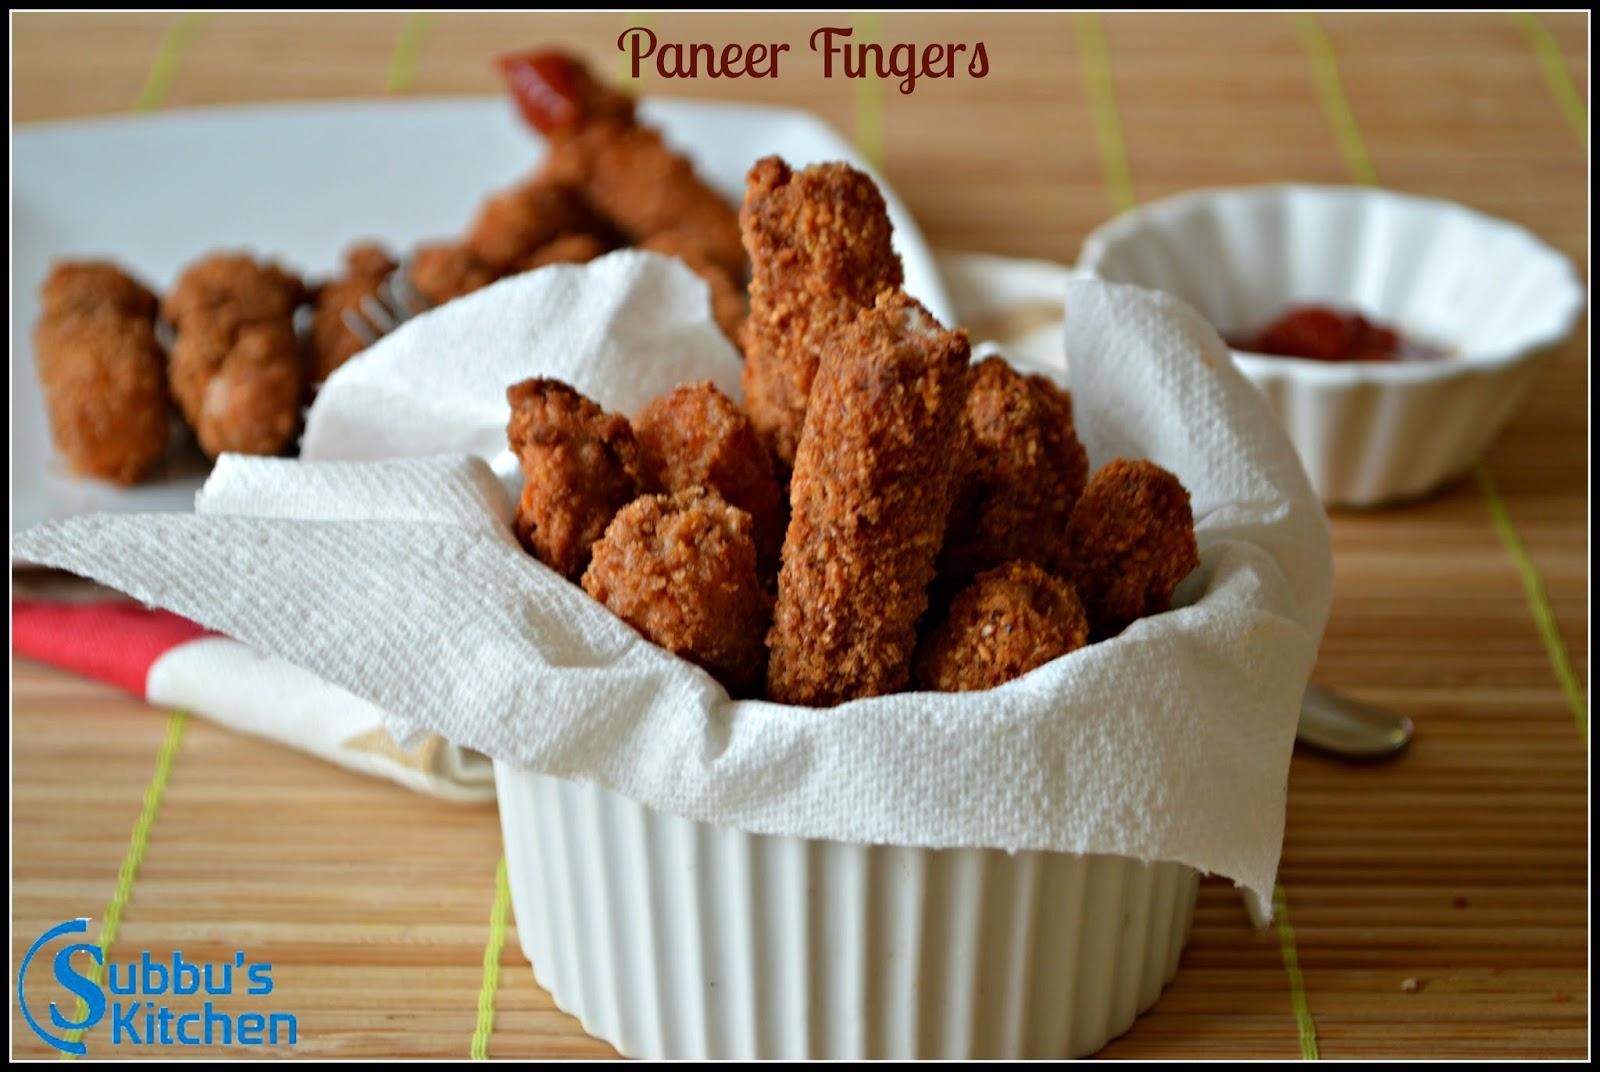 Paneer Fingers